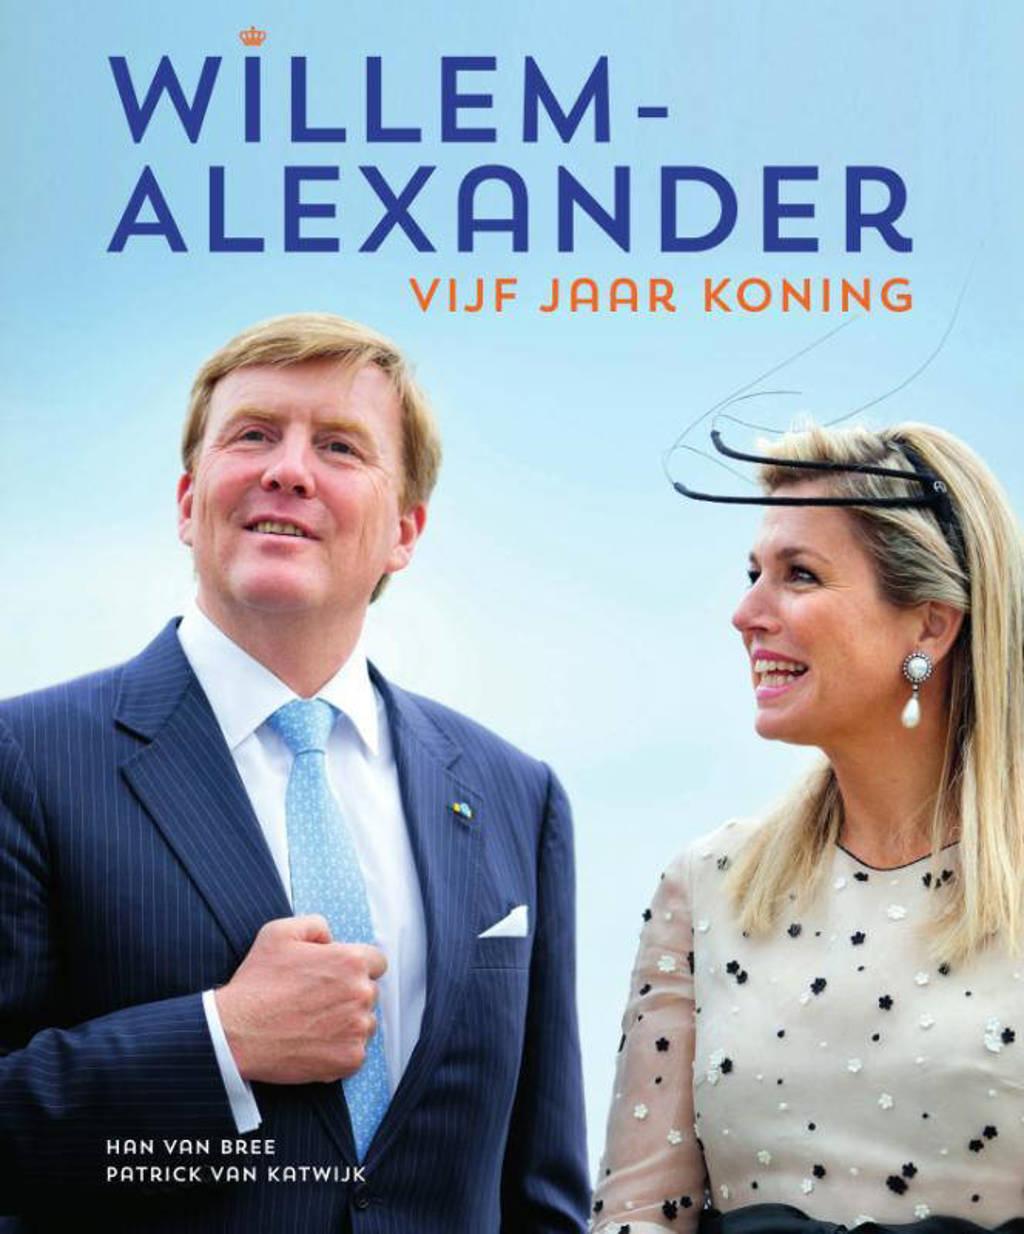 Willem-Alexander vijf jaar koning - Han van Bree en Patrick van Katwijk